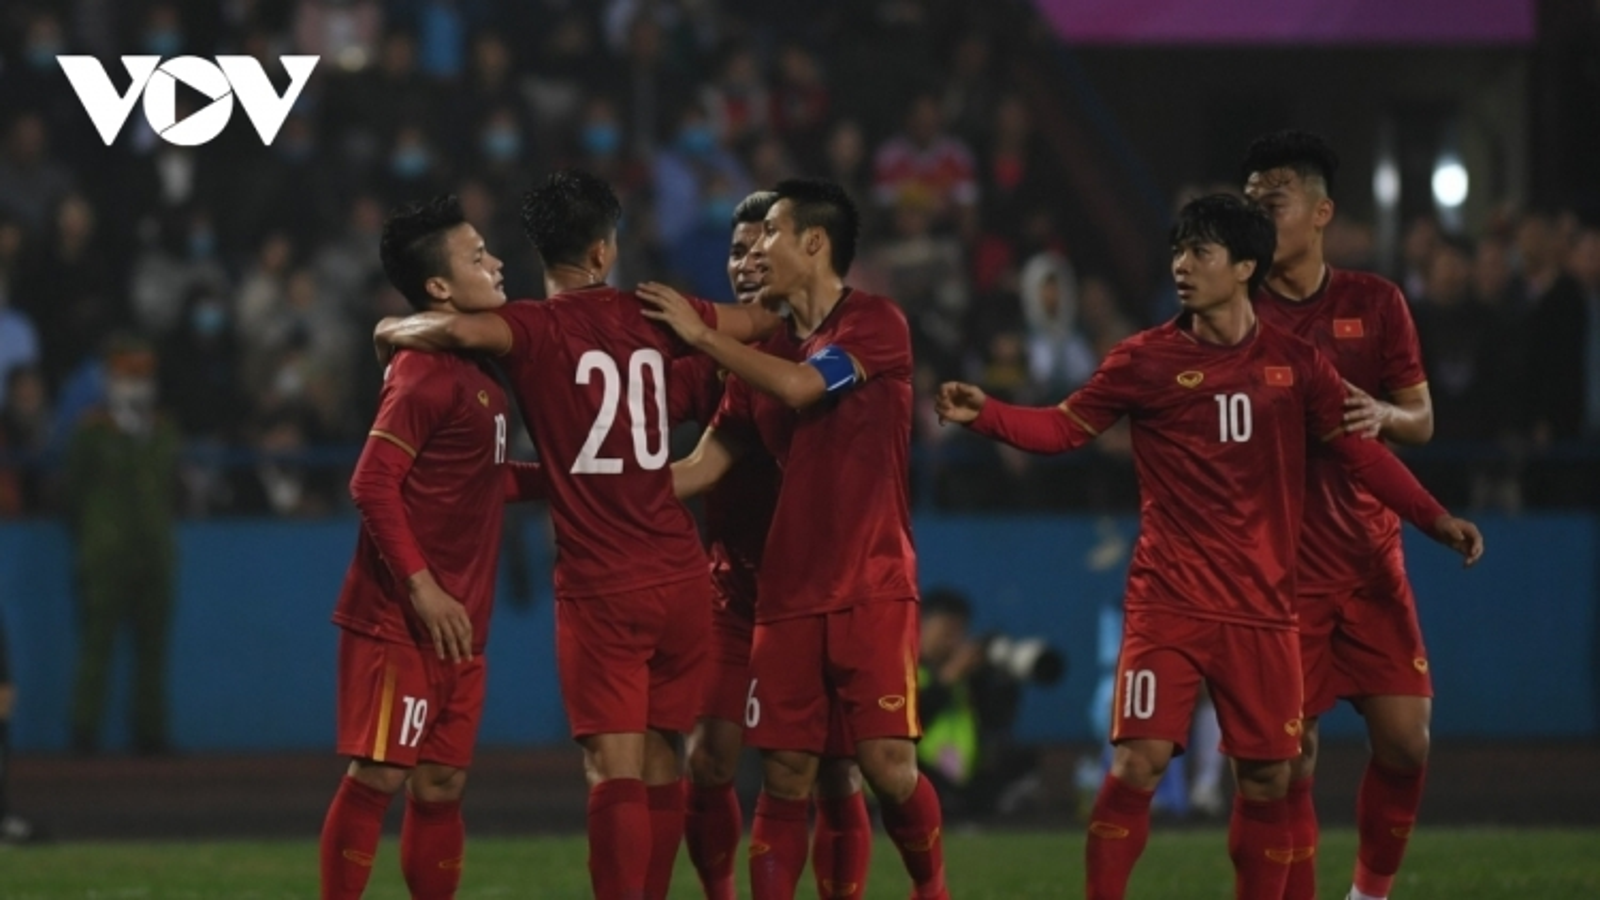 ĐT Việt Nam tiệm cận thứ hạng lịch sử trên BXH FIFA